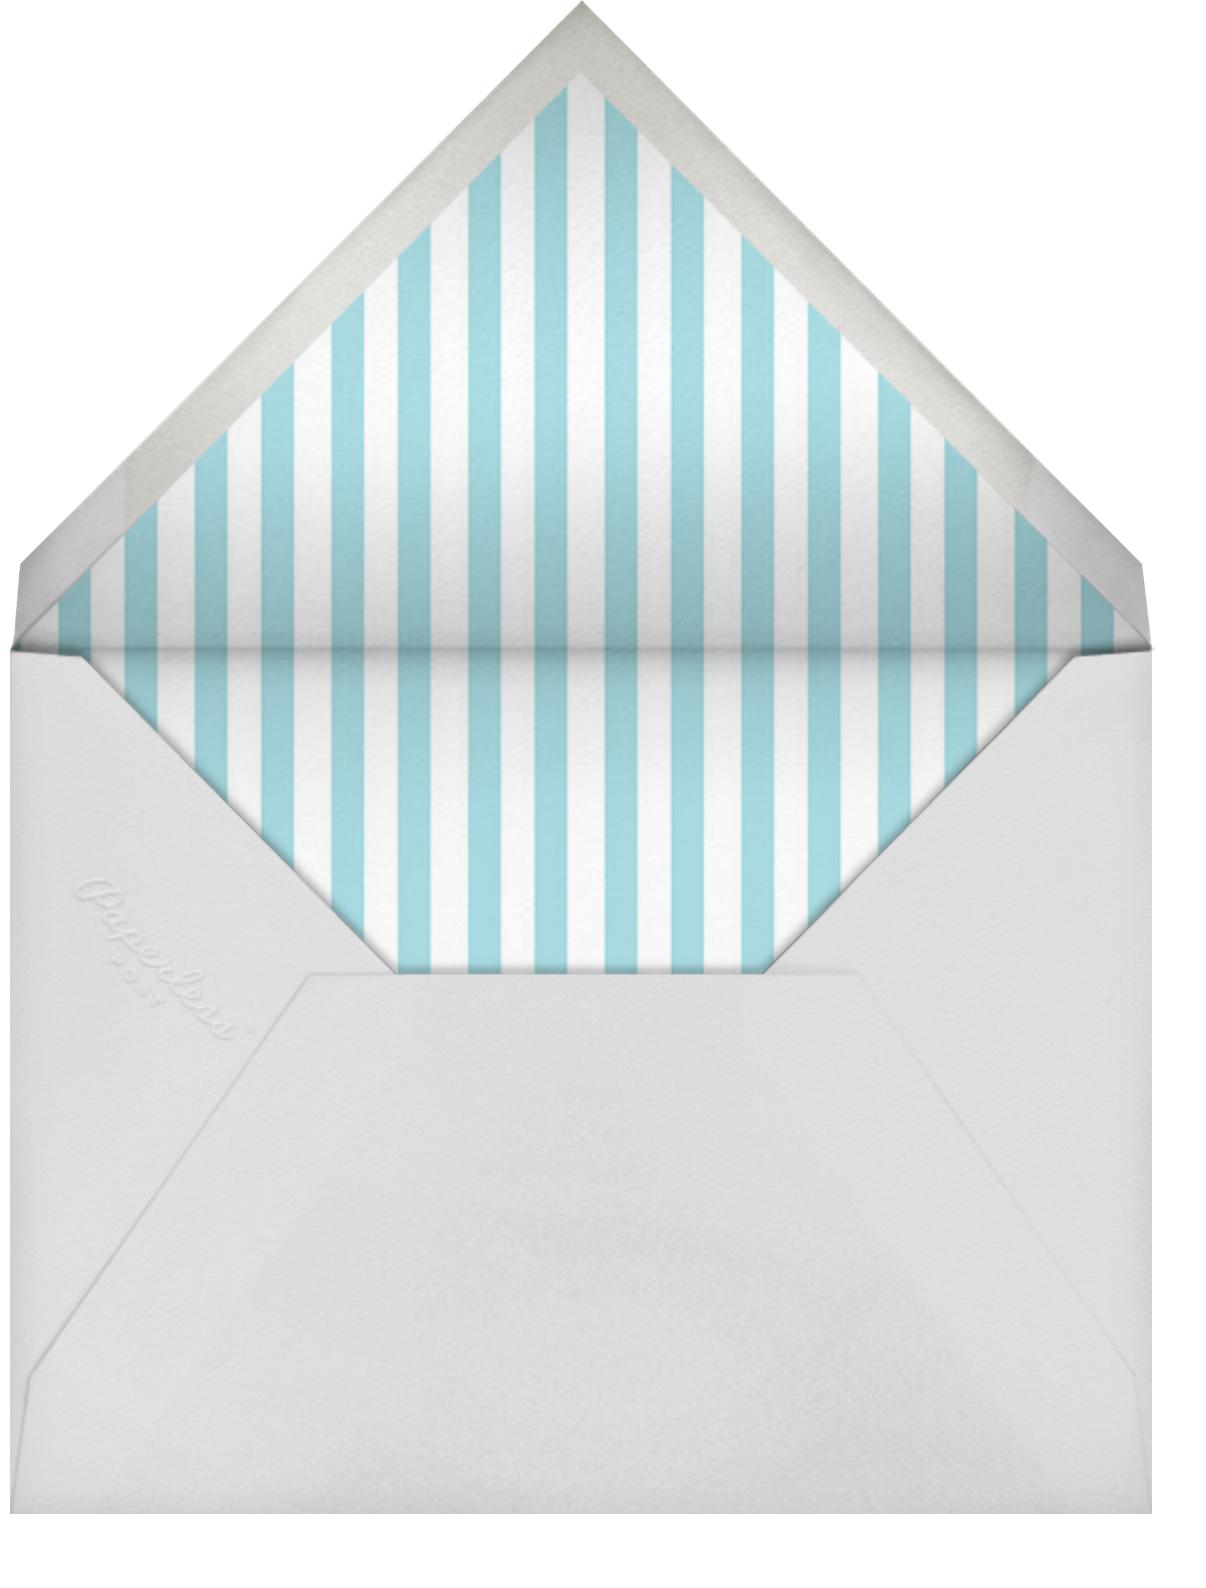 Tea Set - Paper Source - Sip and see - envelope back